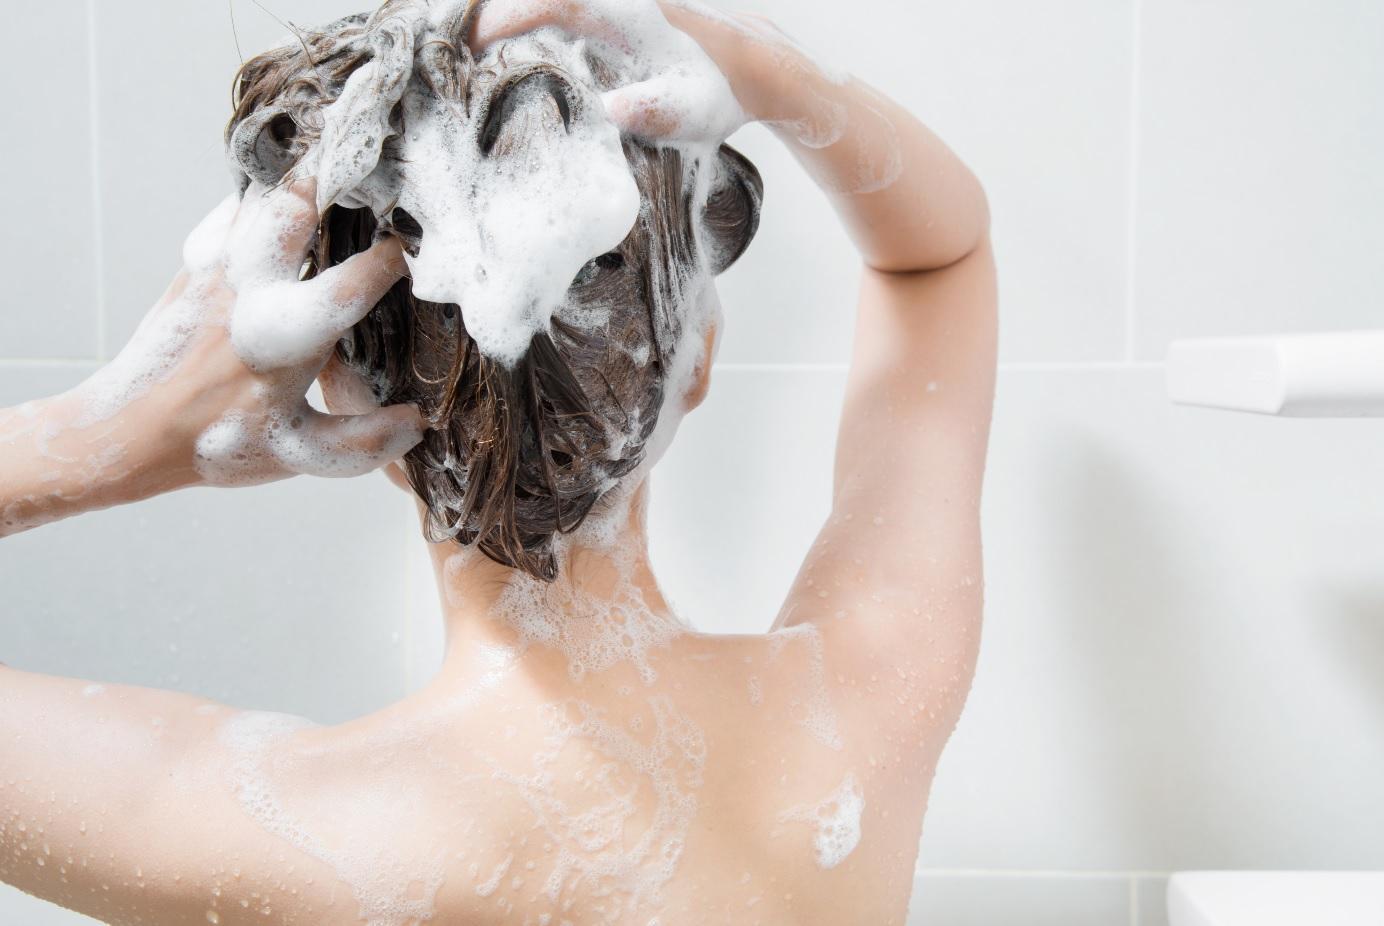 お風呂で体を洗う順番